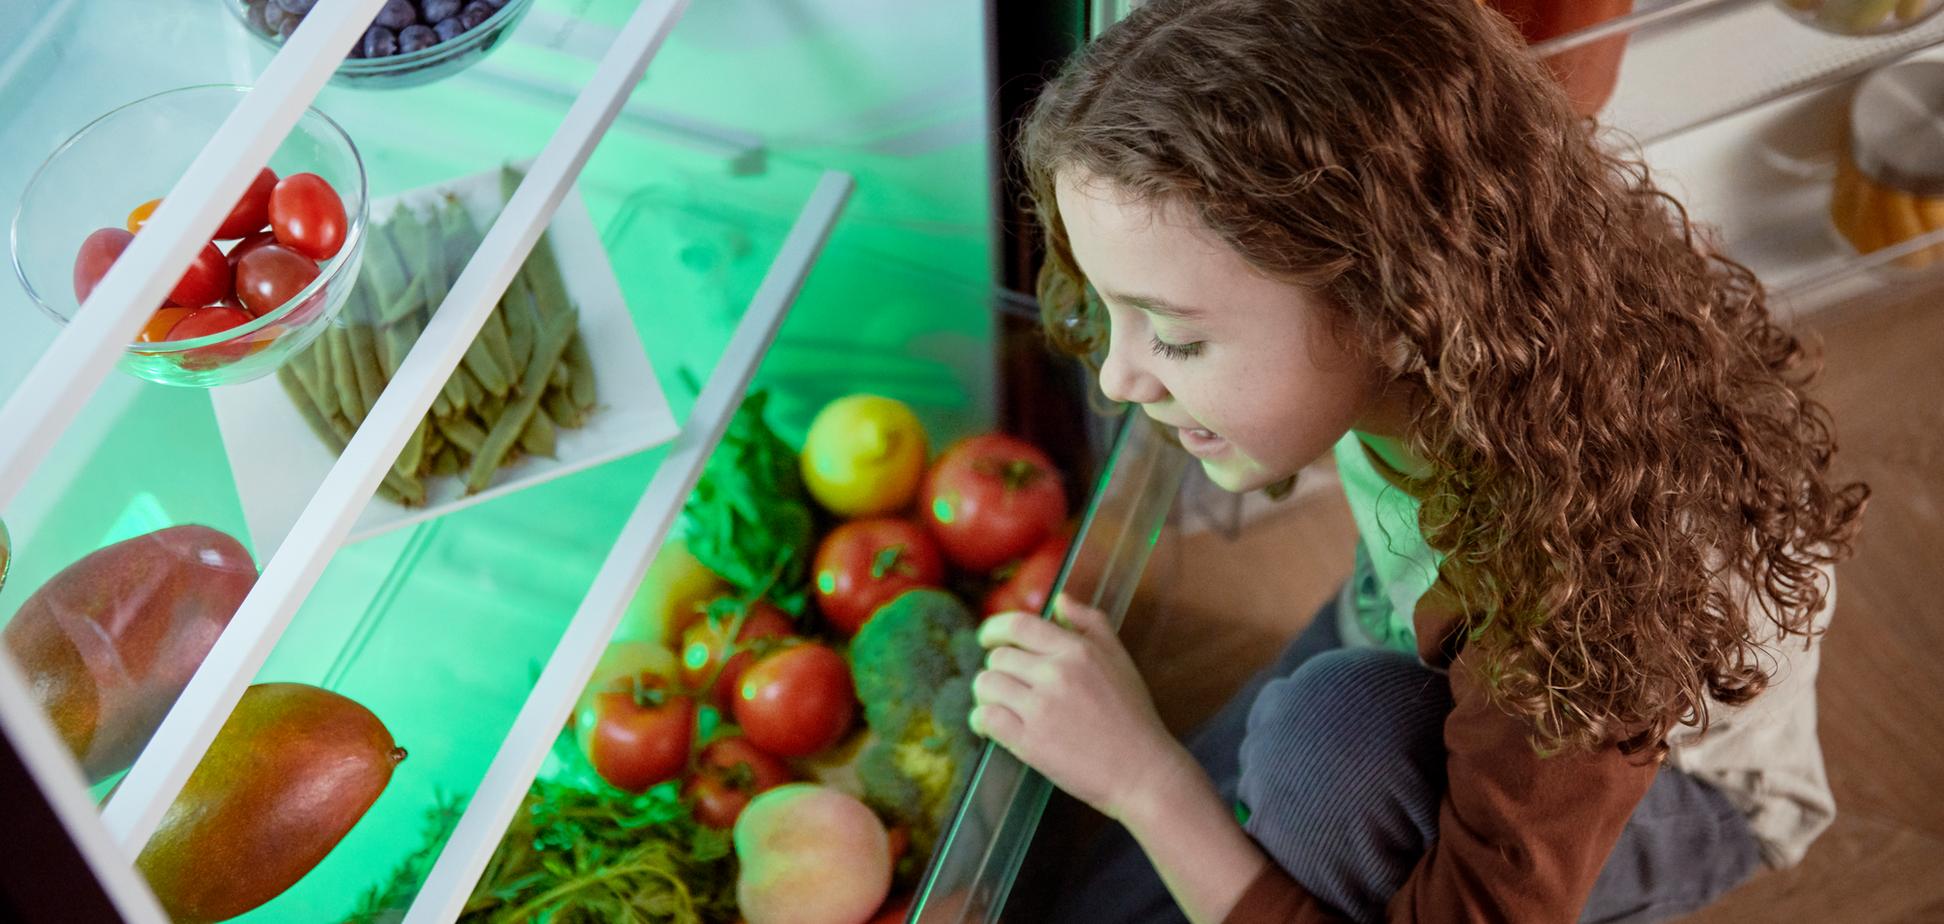 В Украине до конца декабря подорожают овощи: актуальные цены в супермаркетах